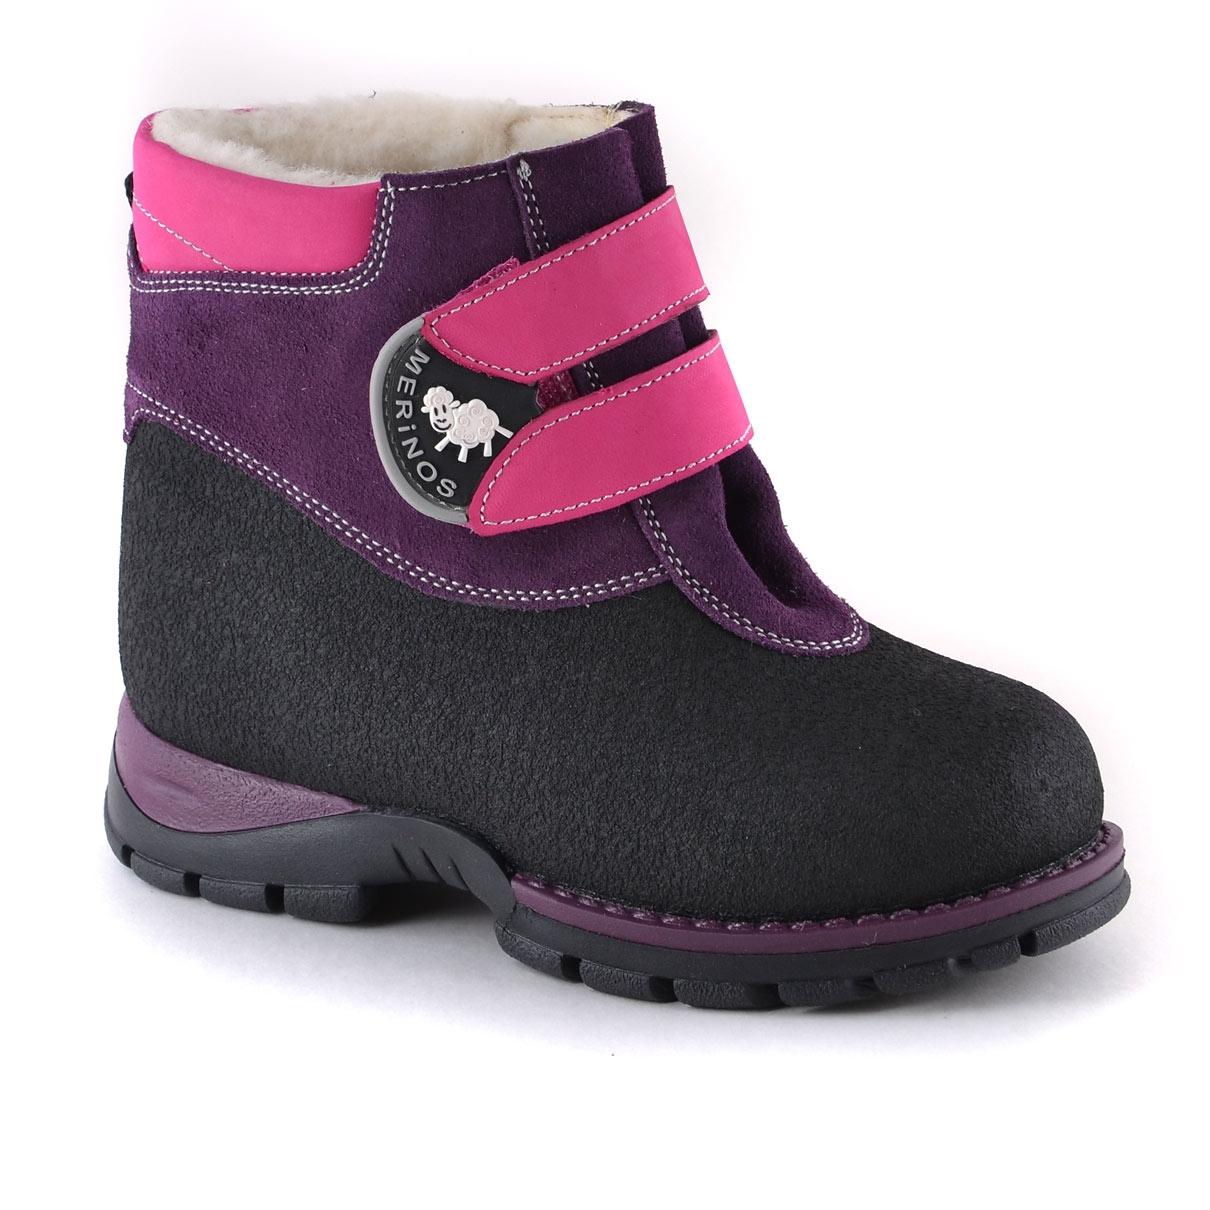 Ботинки и полуботинки Детский Скороход Ботинки дошкольно-школьные для девочки Детский Скороход, фиолетово-розовые с черной отделкой скороход дошкольно школьные зелено белые